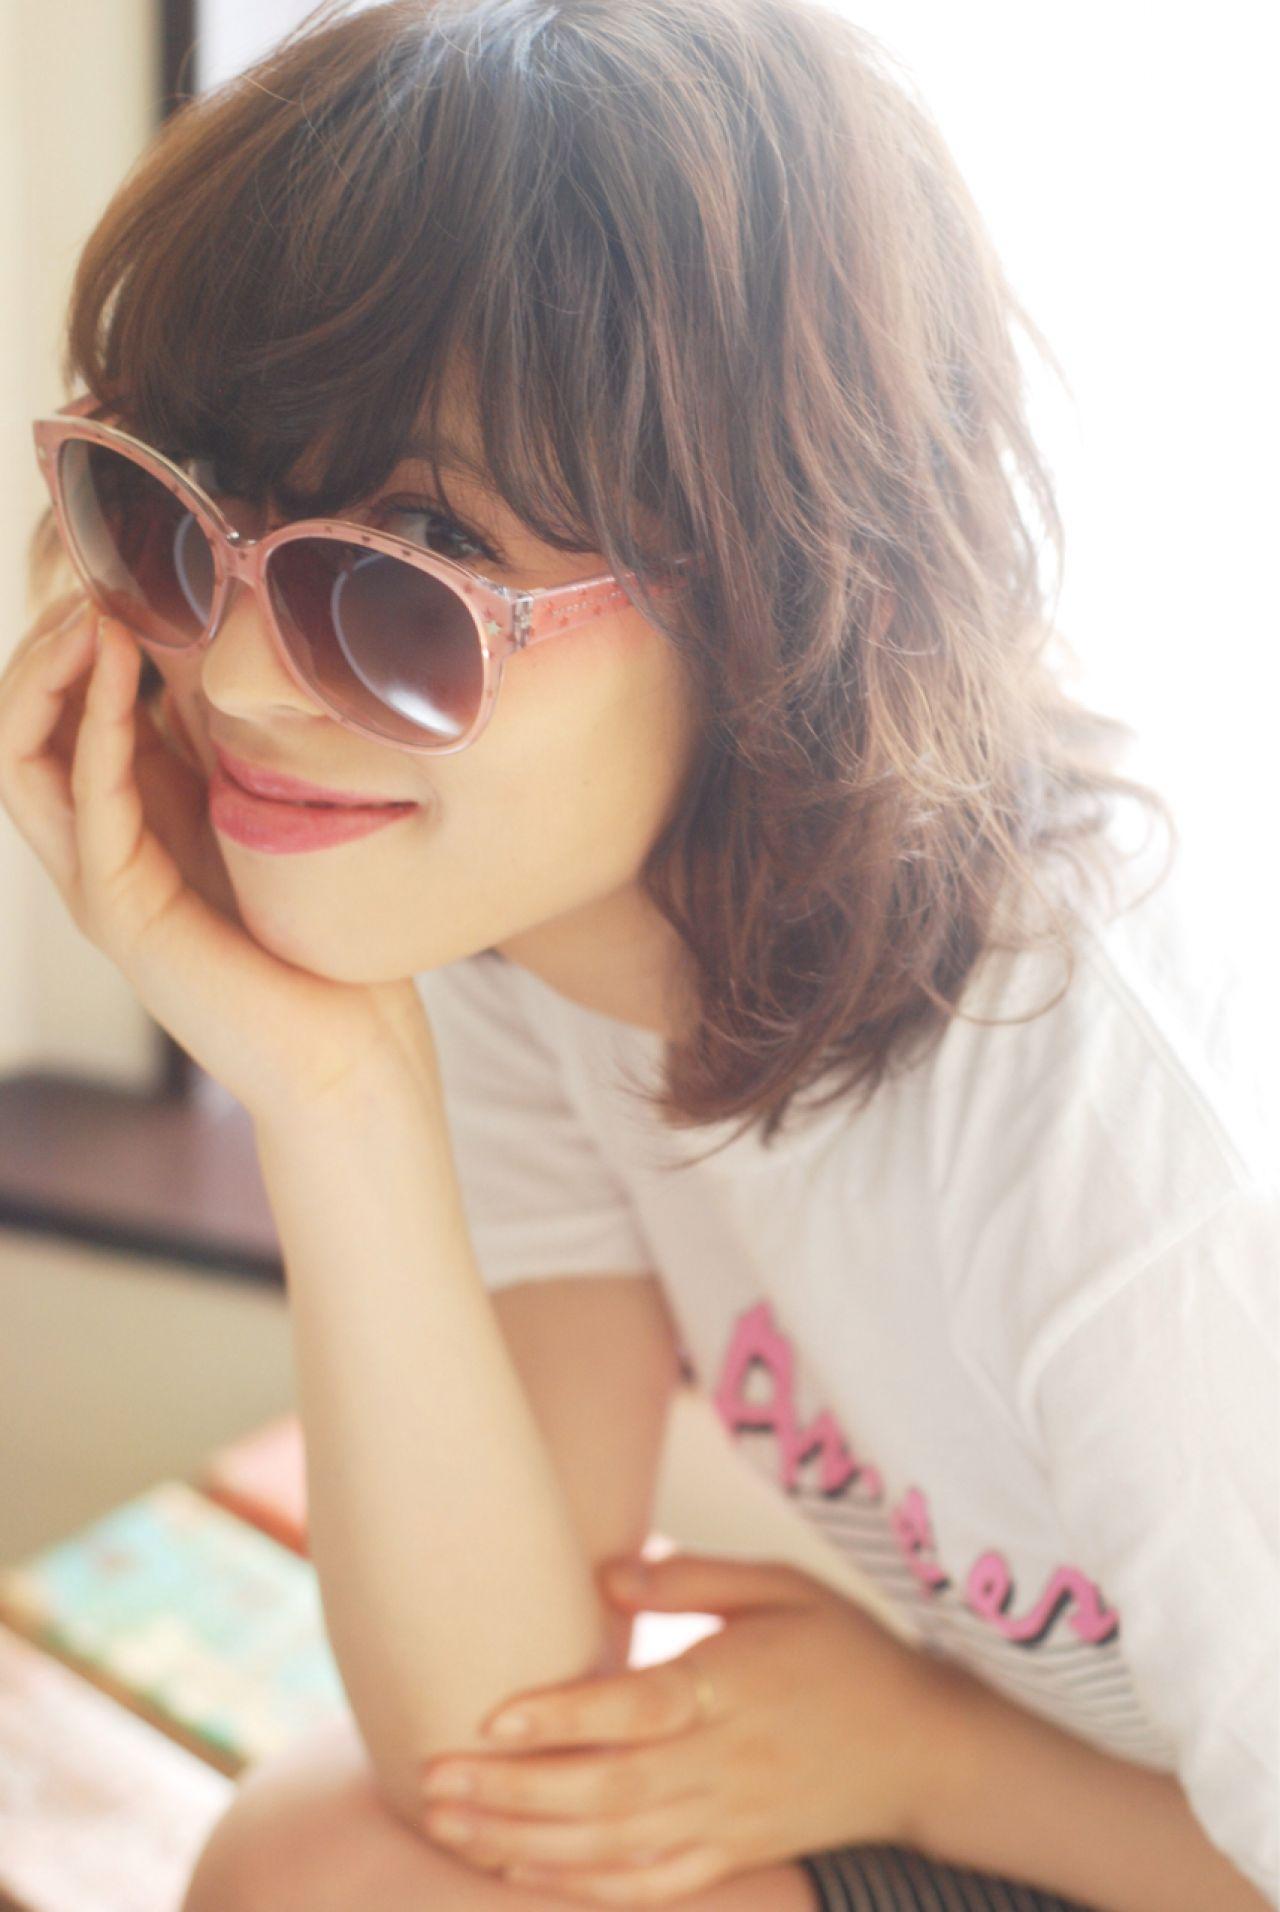 ナチュラル ゆるふわ 外国人風 ボブ ヘアスタイルや髪型の写真・画像 | 横川 諒 / 横川